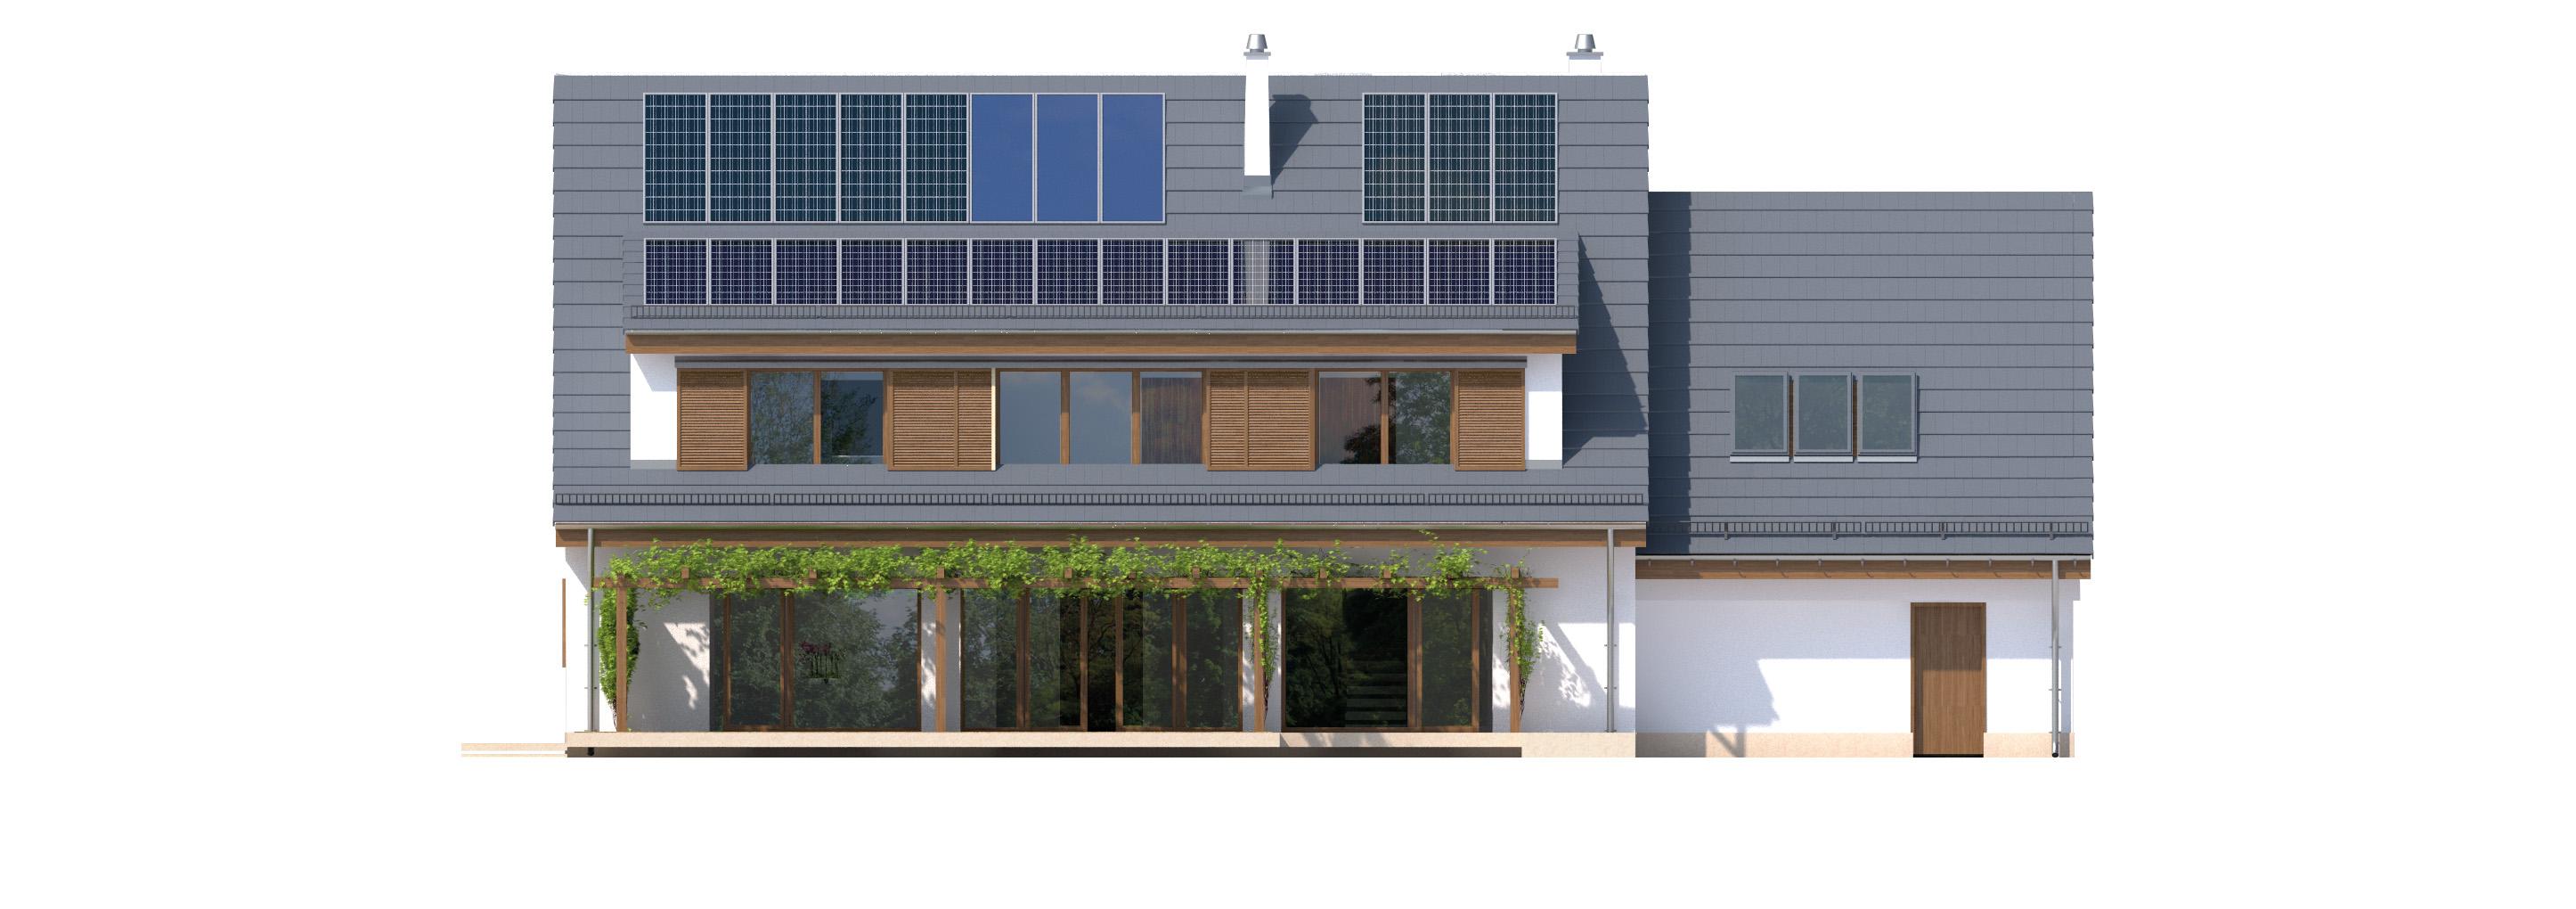 Projekt domu SUDECKI Domy Czystej Energii elewacja tylna